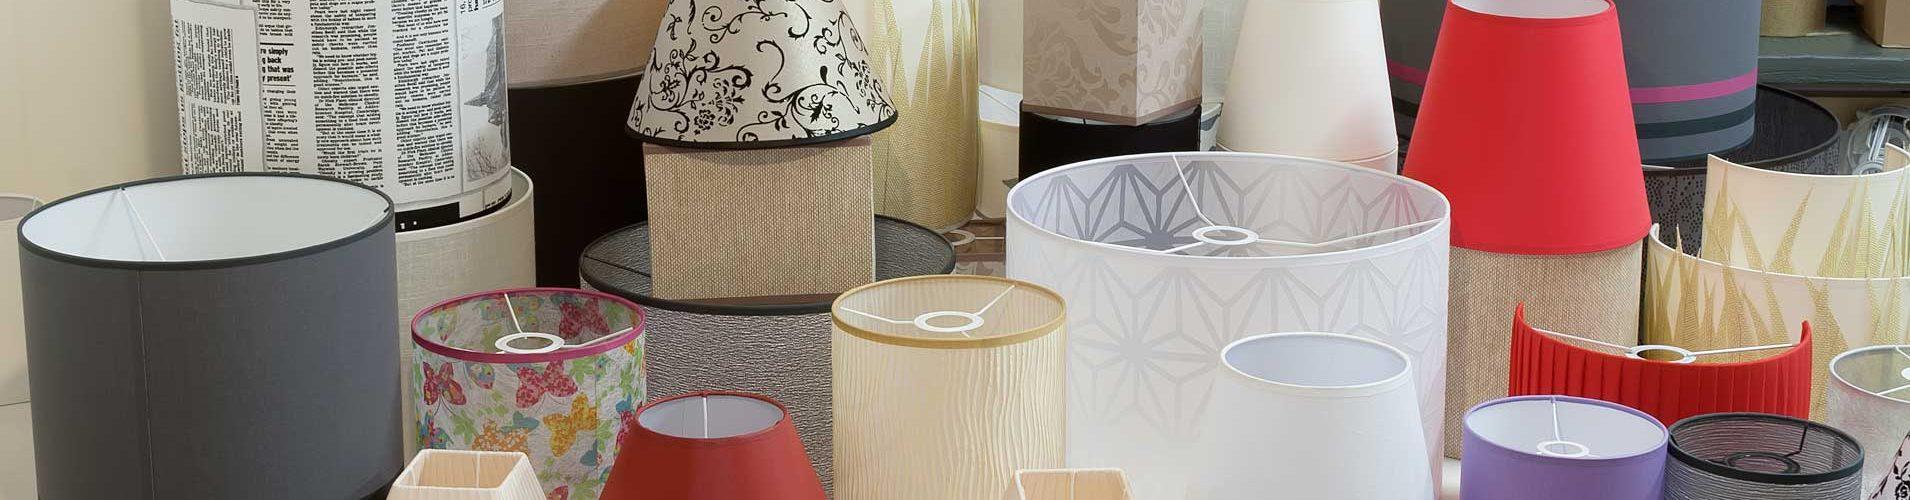 Produkcja abażurów o różnych kształtach, rozmiarach i kolorach na życzenie Klienta - 3gazele Sp. z o.o.